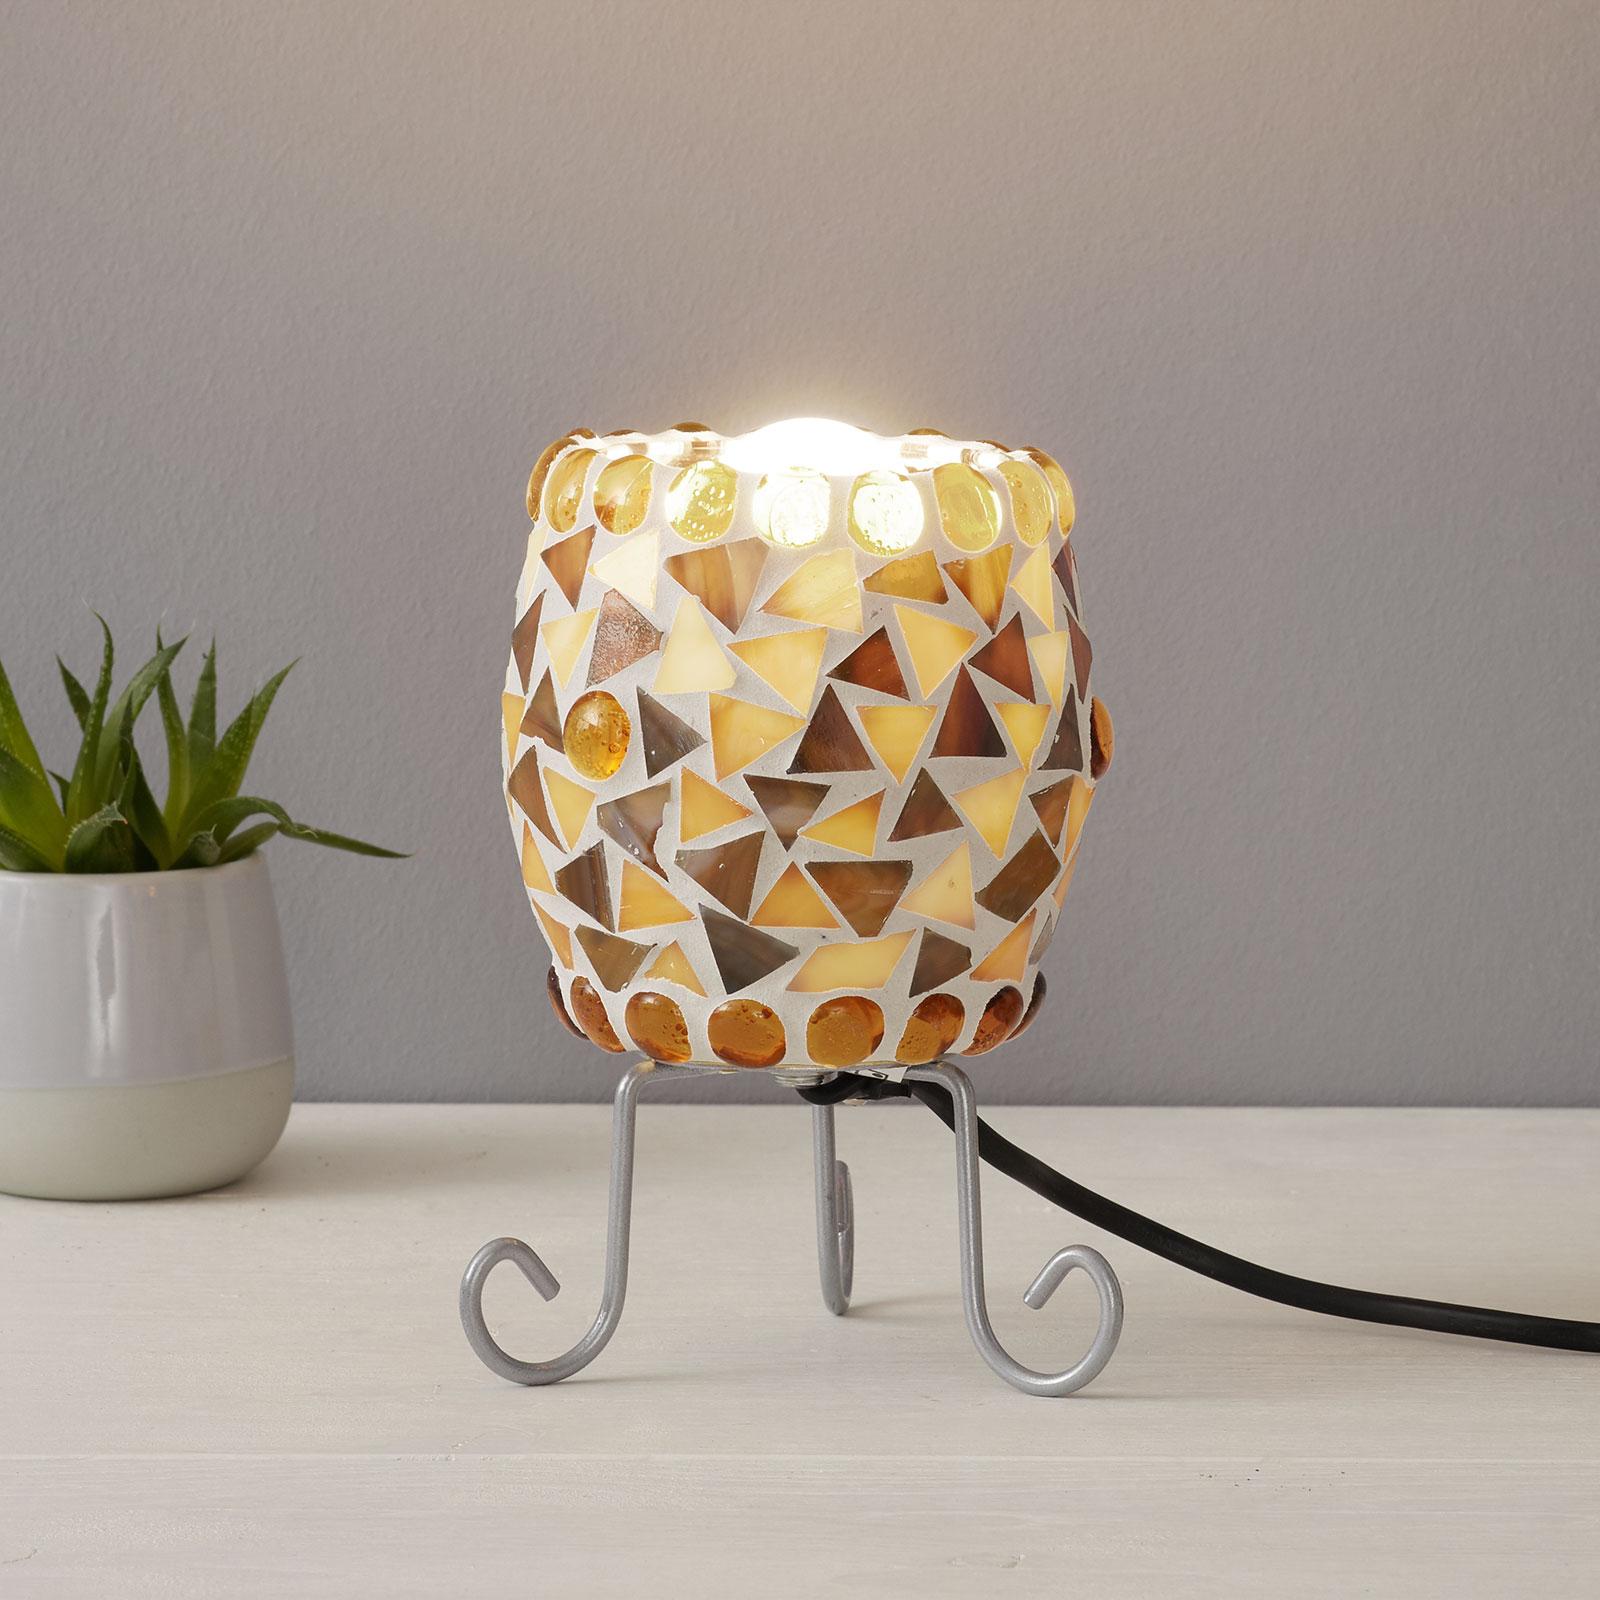 Enya-pöytälamppu lasimosaiikilla, kerma-ruskea